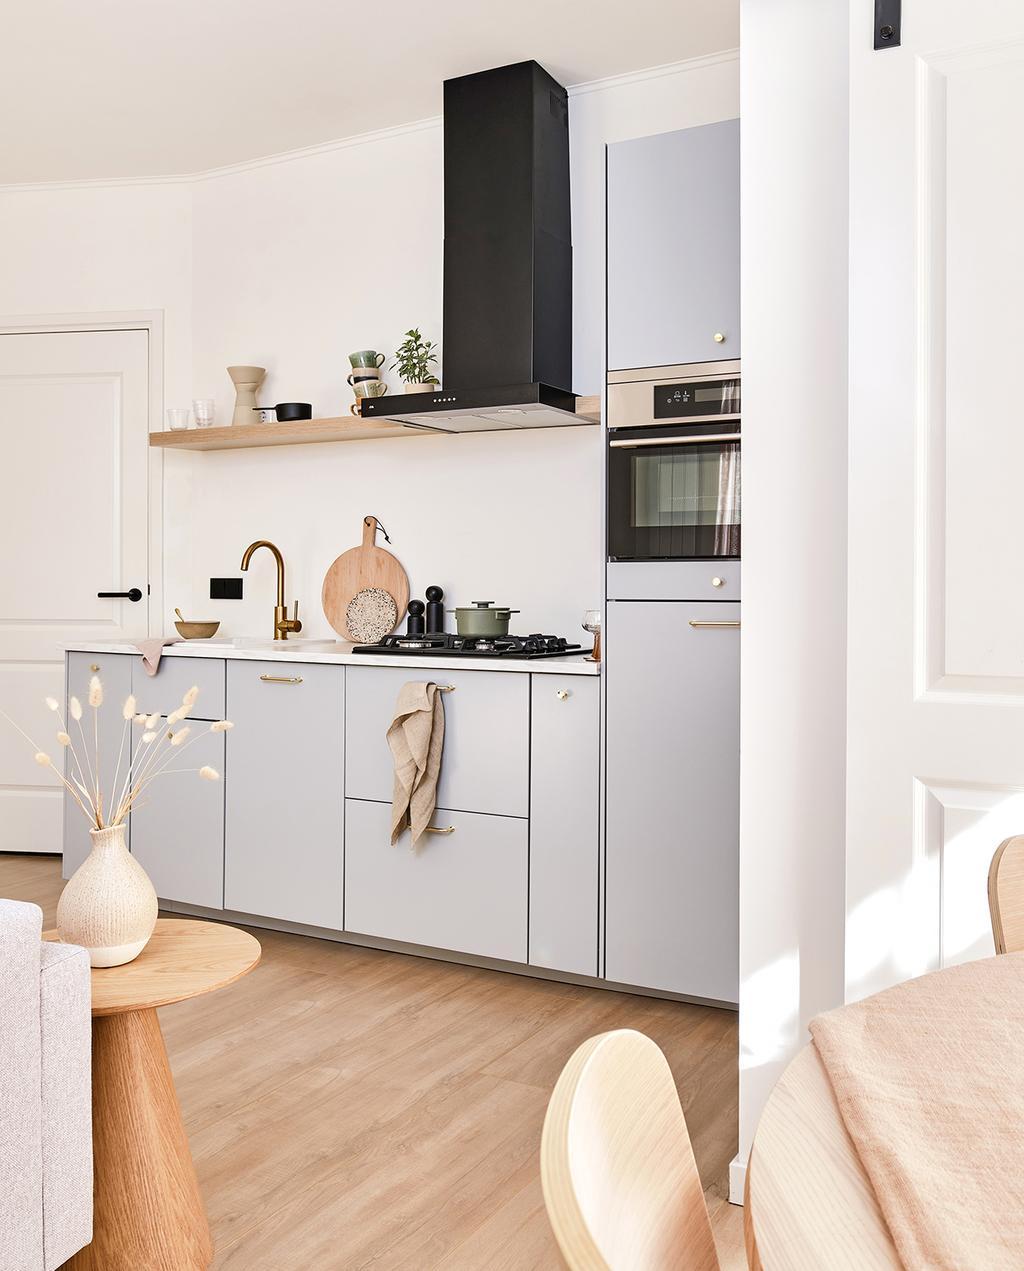 vtwonen special tiny houses | keuken met subtiel blauwe kasten